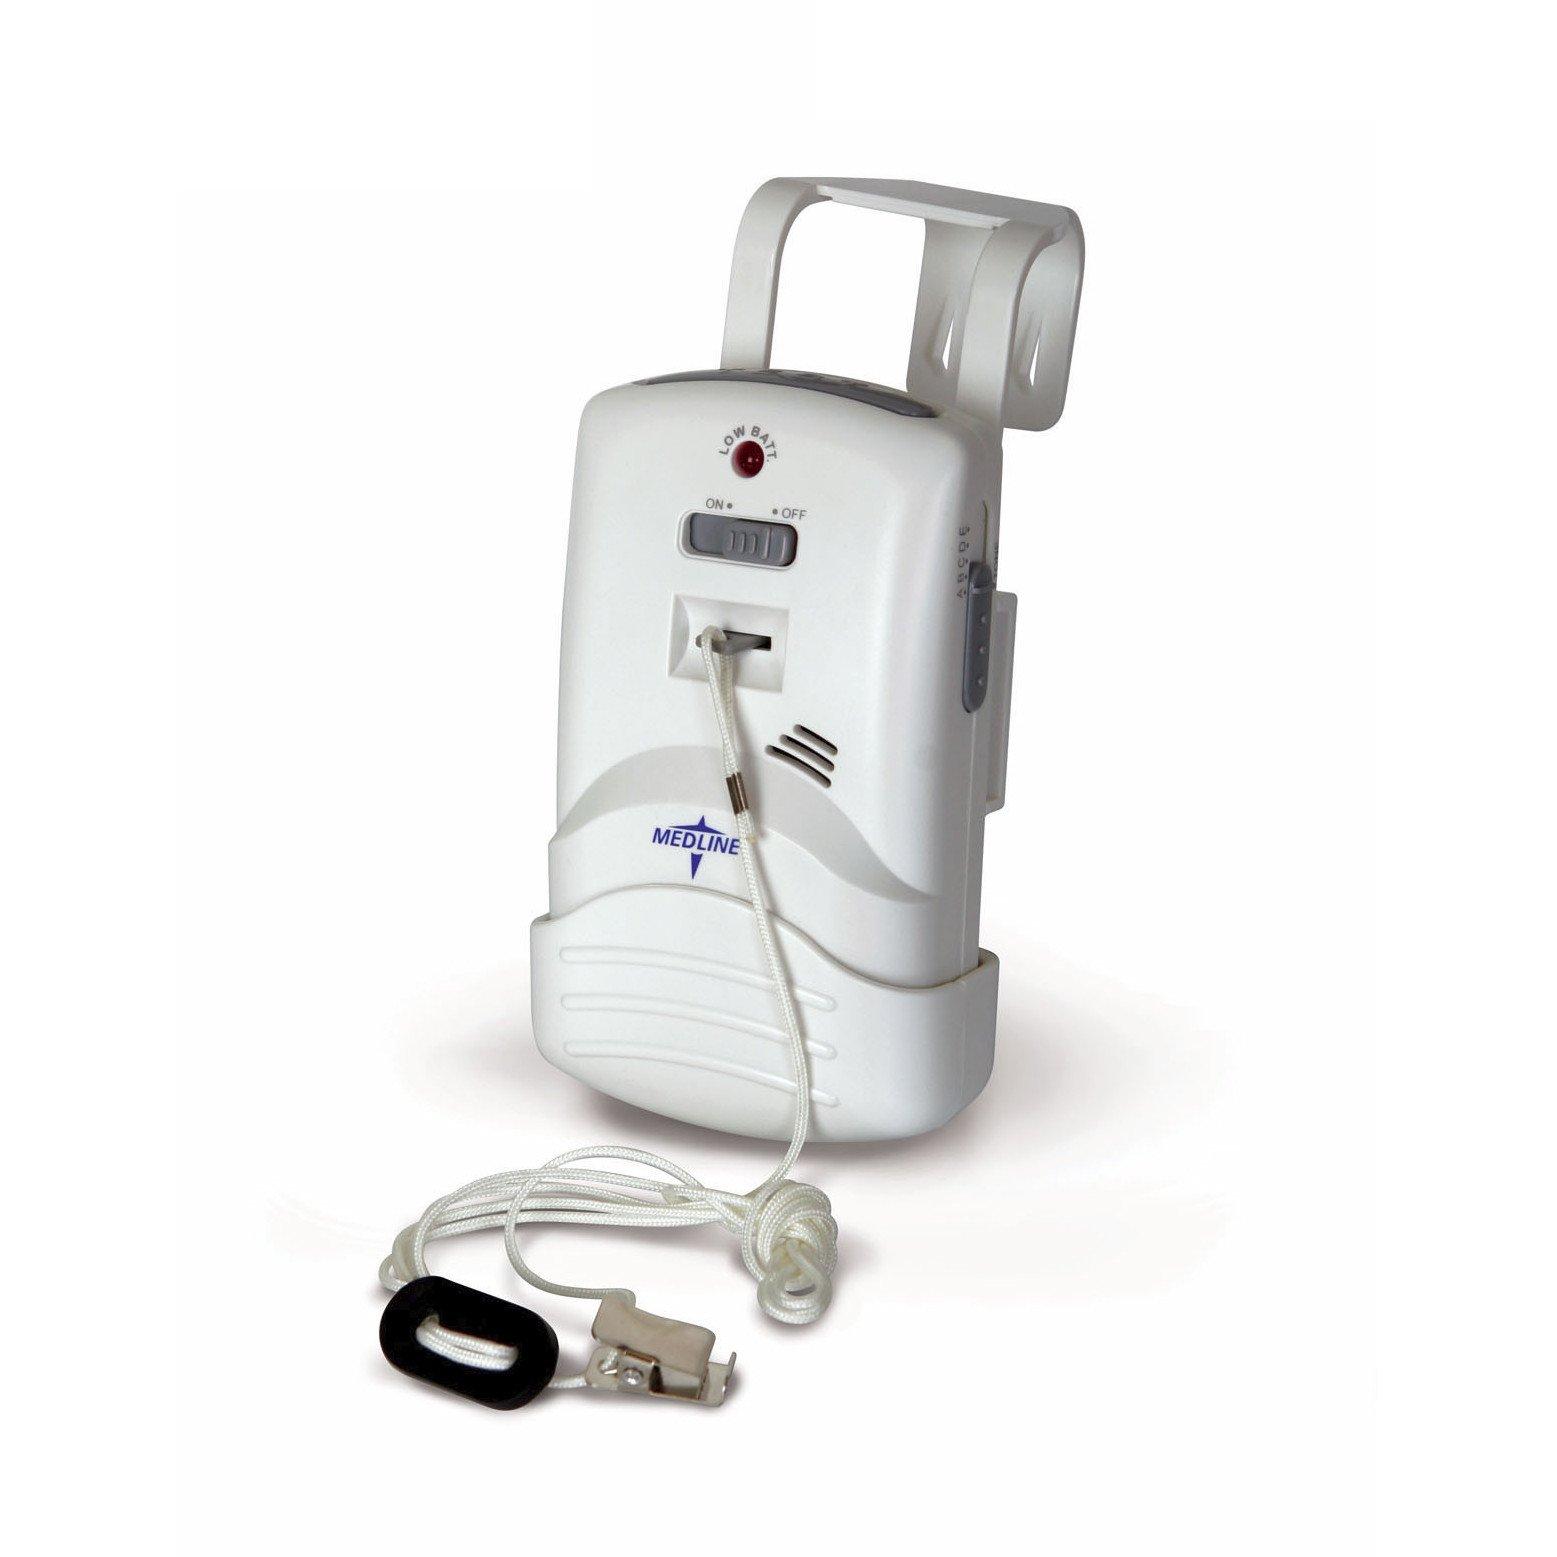 Medline Elite Personal Safety Alarm